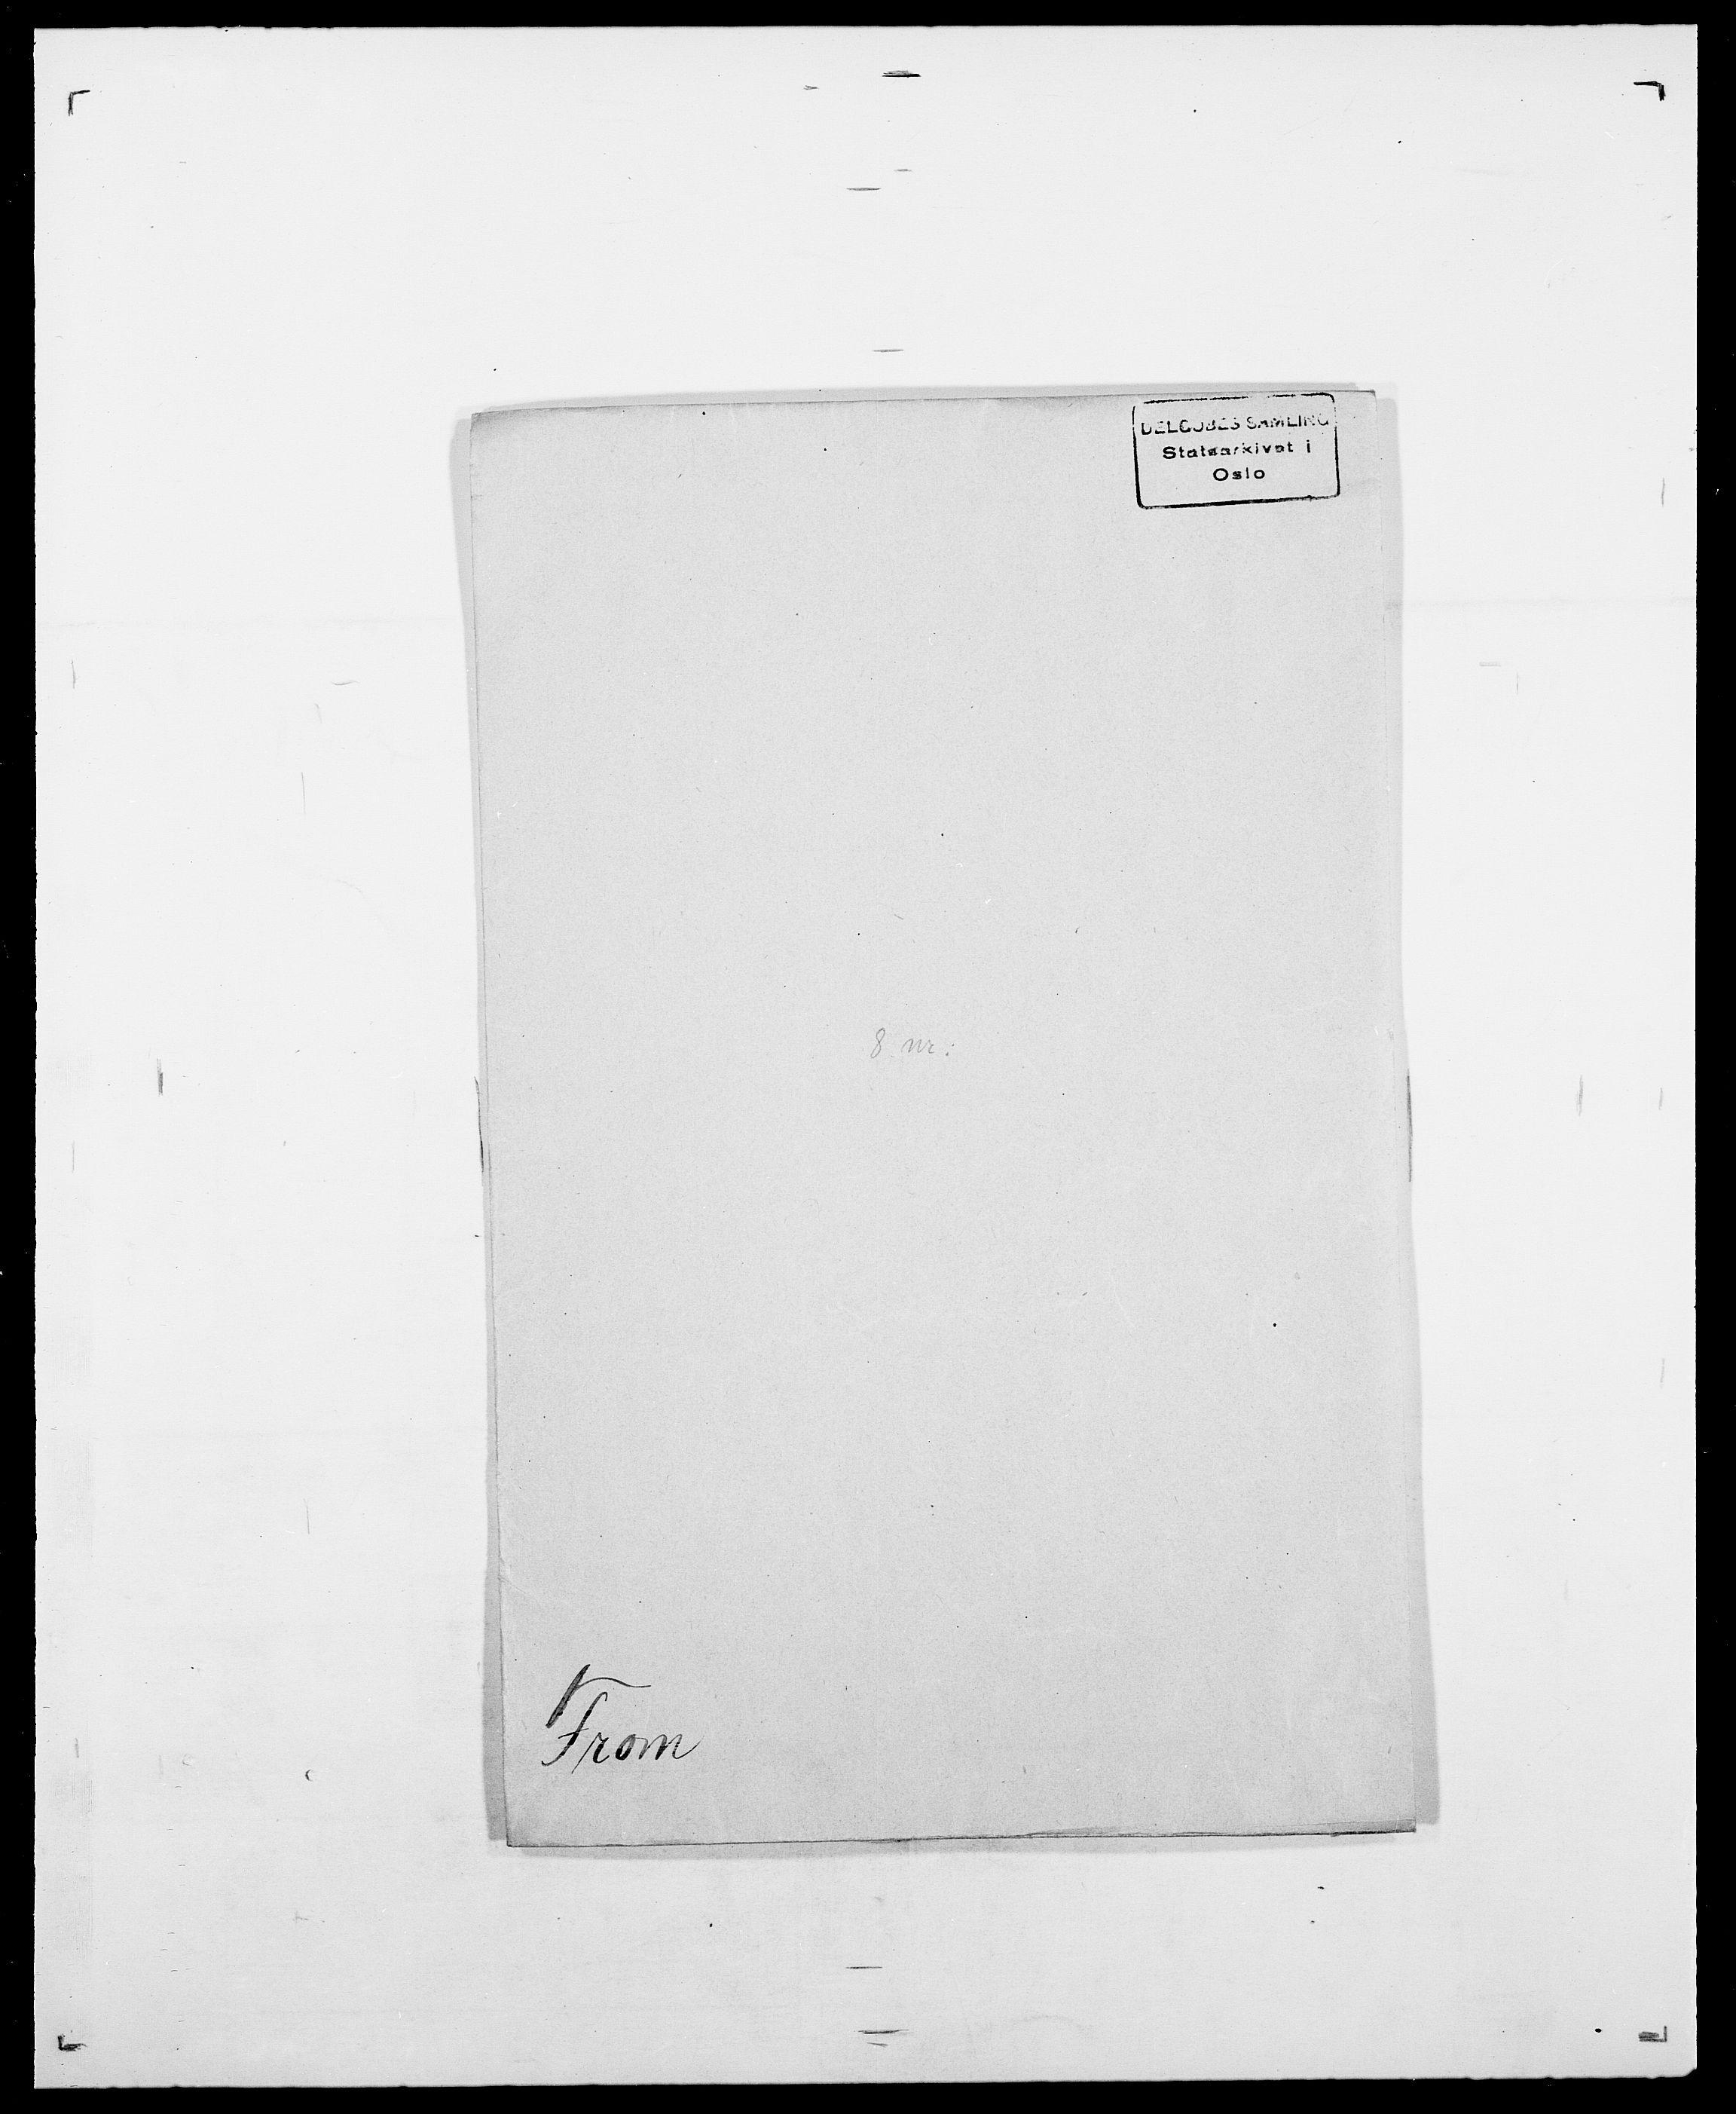 SAO, Delgobe, Charles Antoine - samling, D/Da/L0013: Forbos - Geving, s. 8